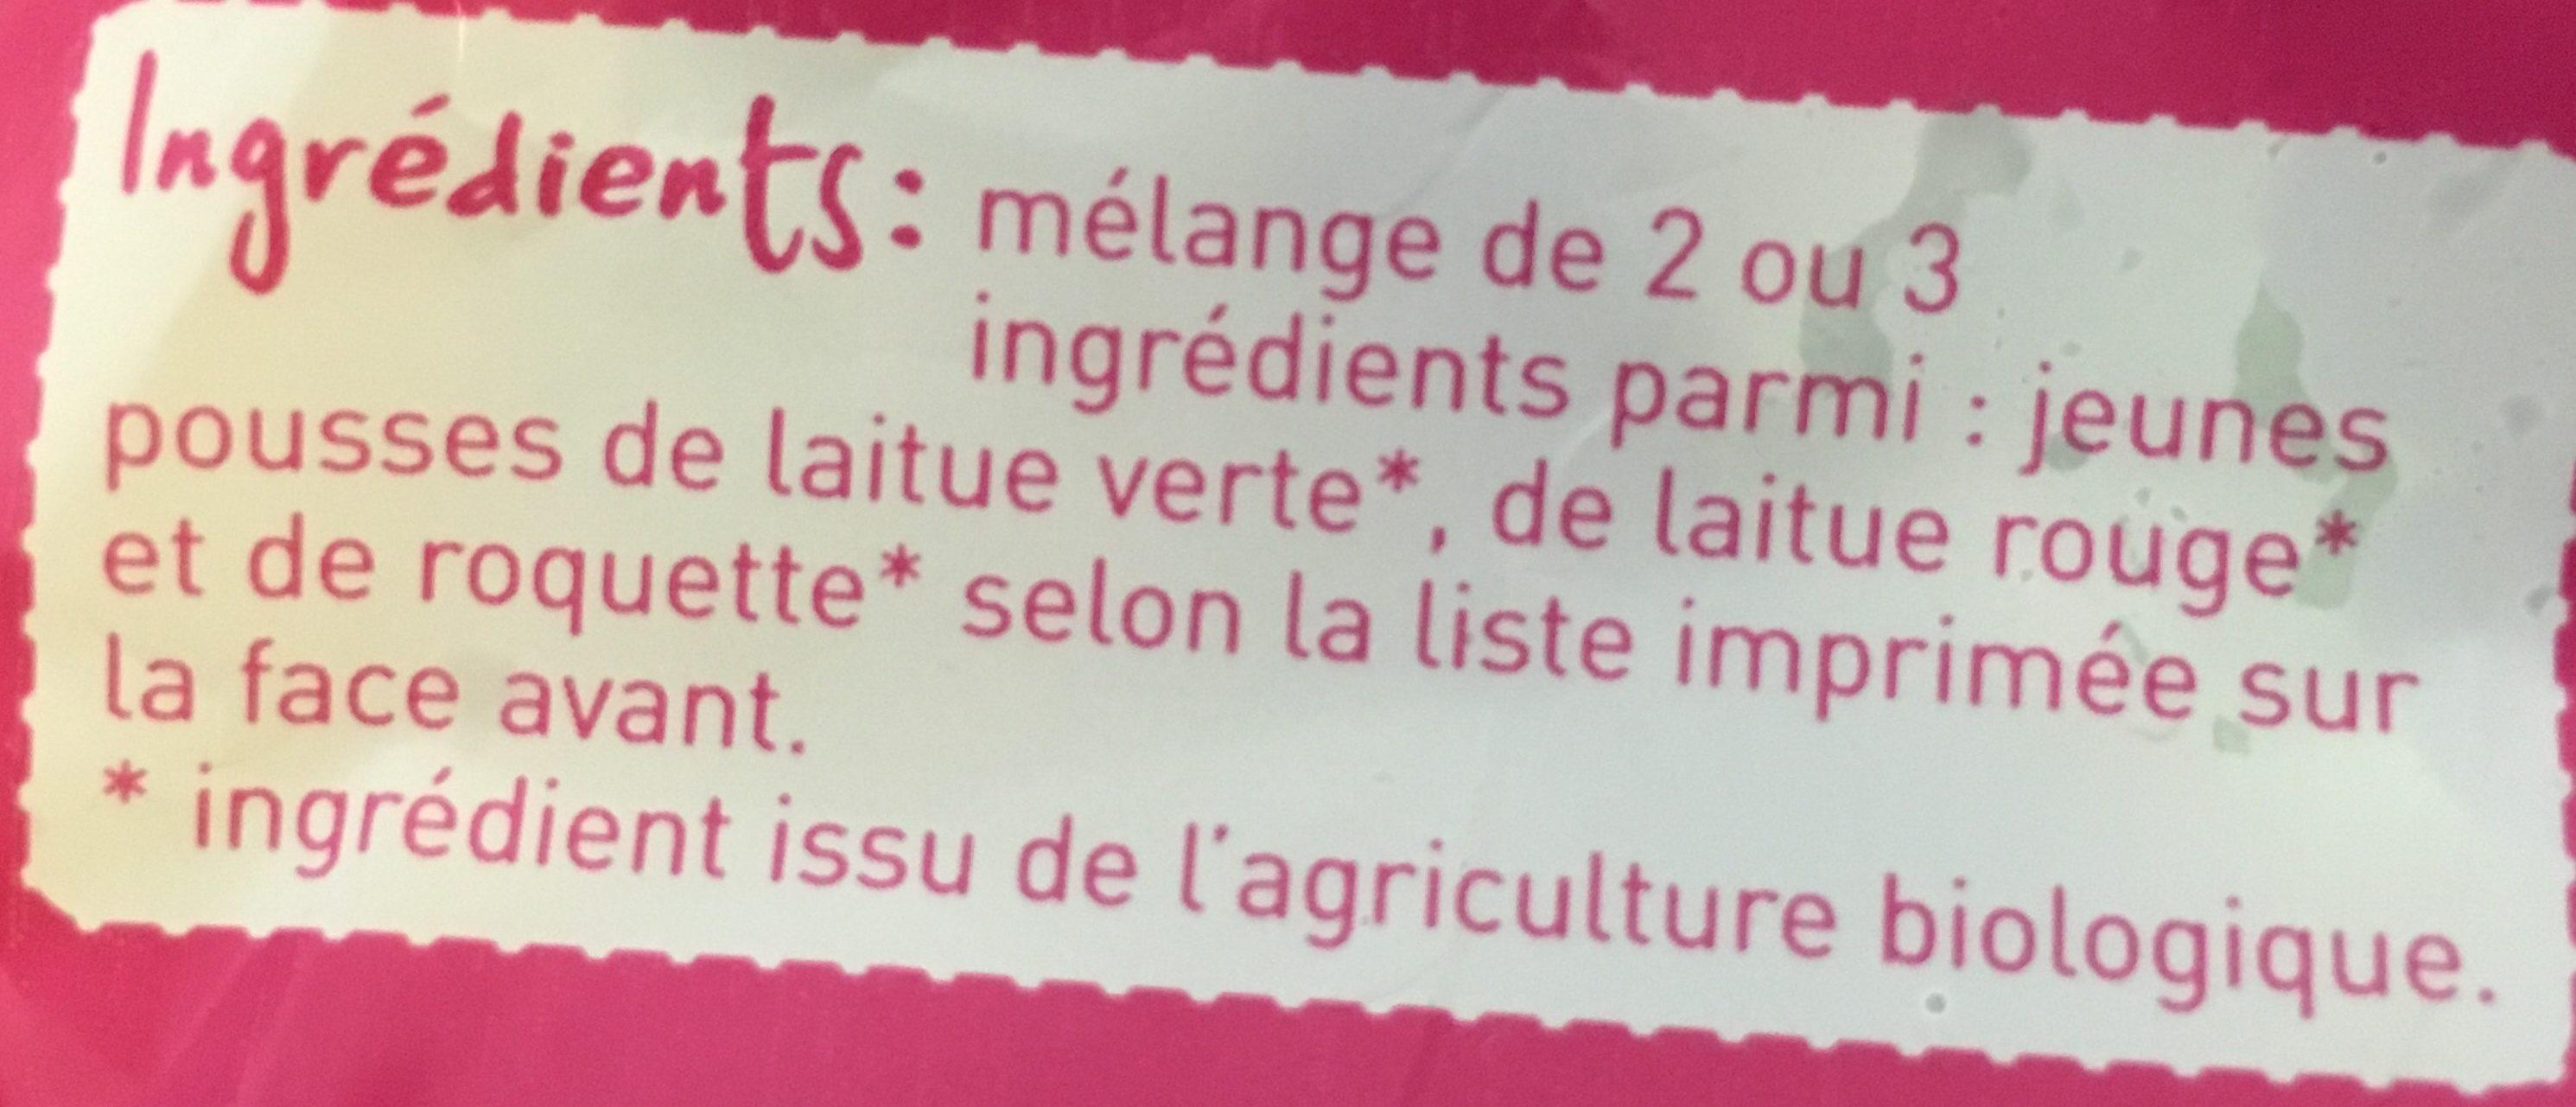 Jeunes Pousses - Ingrédients - fr